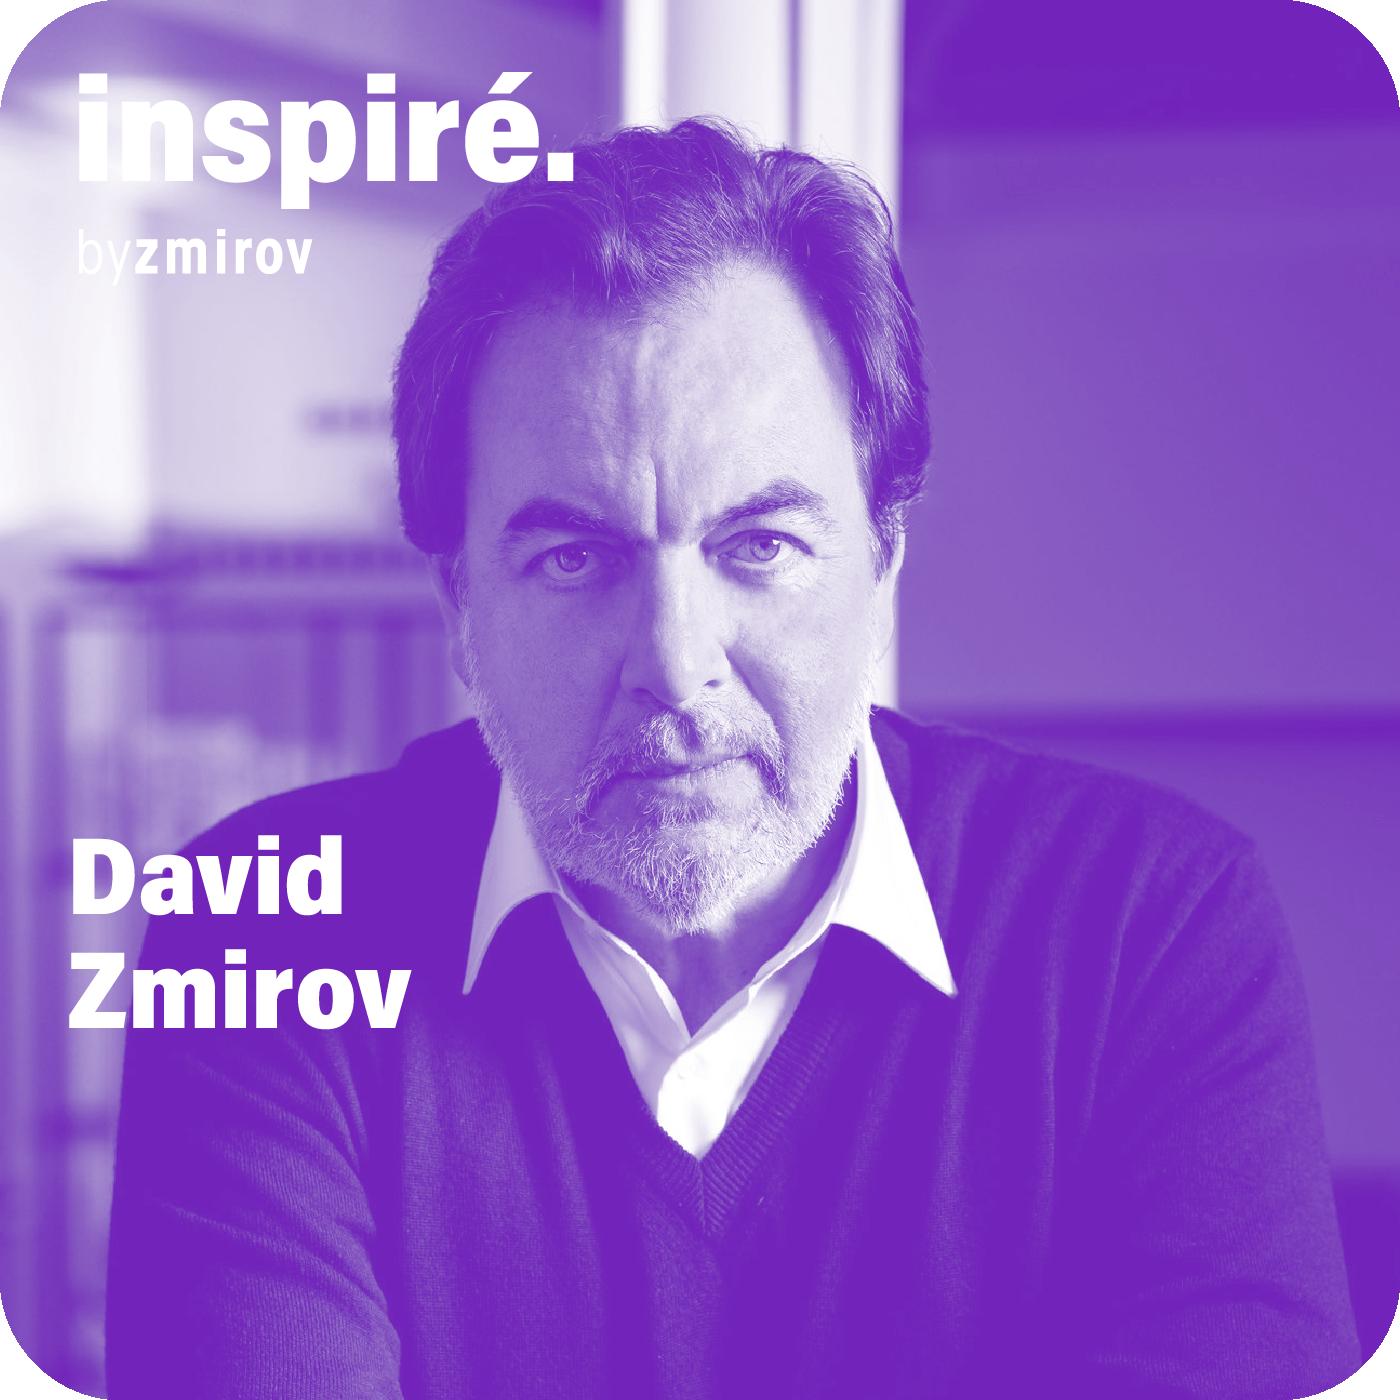 inspiré.byzmirov